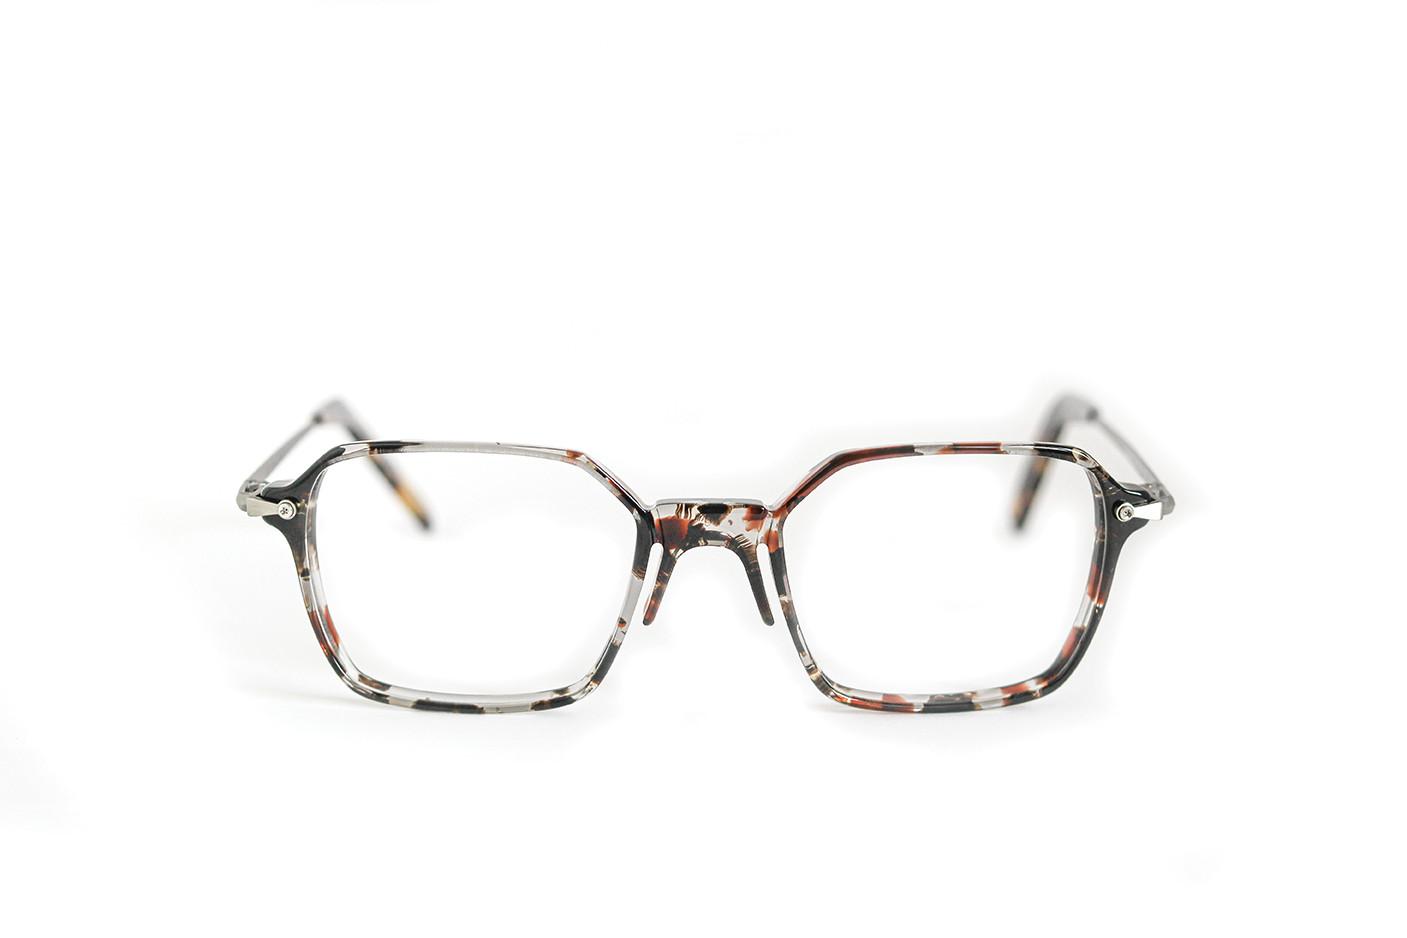 kleys-lunettes-francaises-REGIS-c2-1-rvb